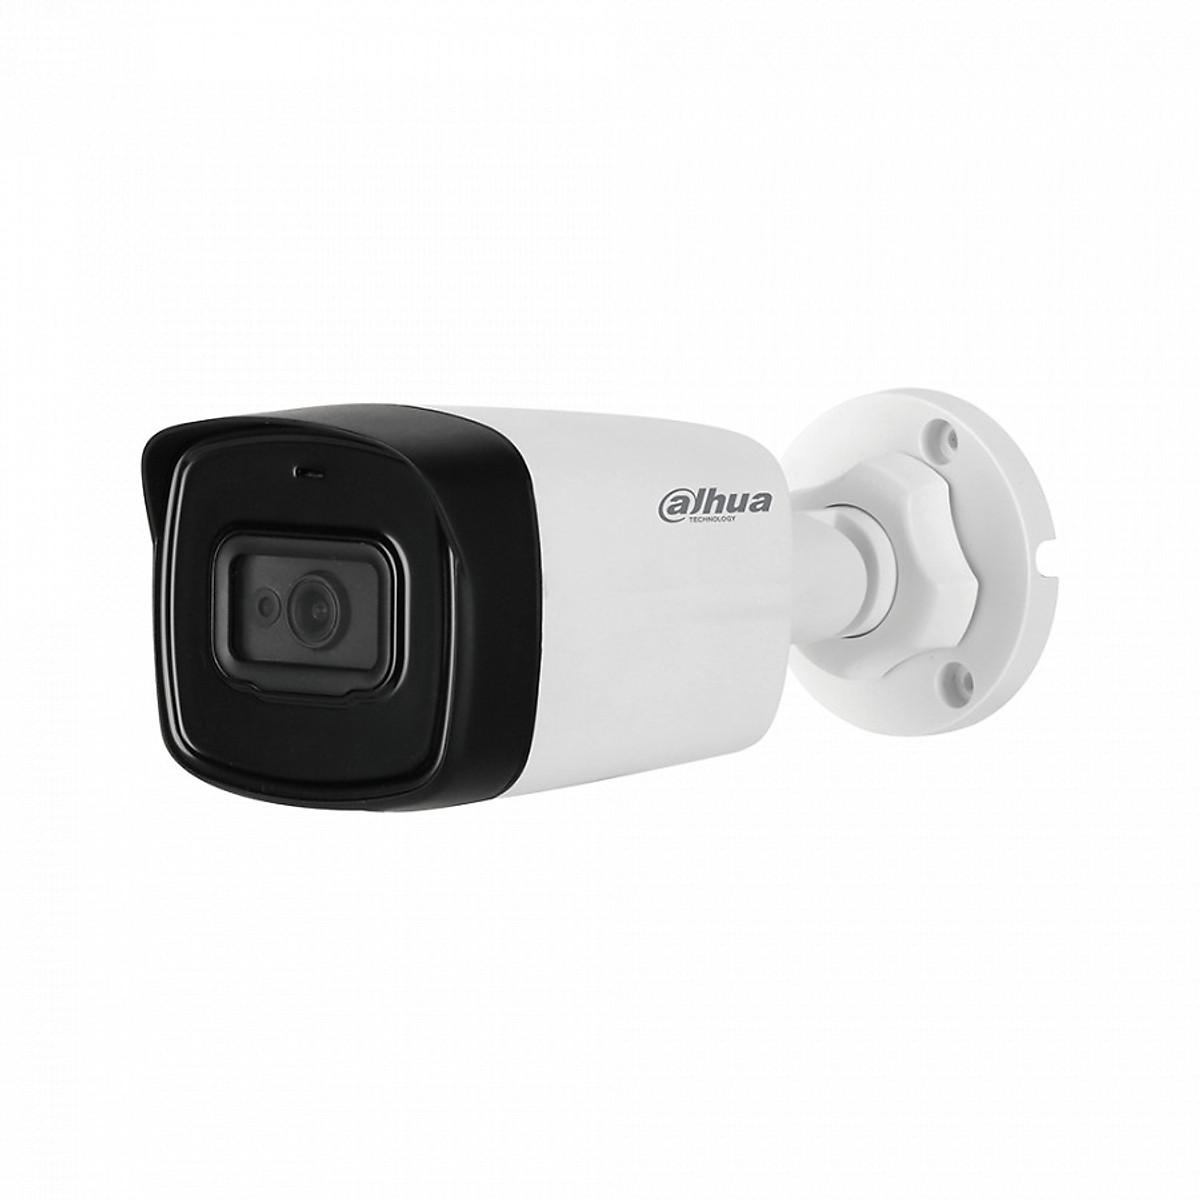 Camera HD-CVI Starlight thân trụ 2.0 Mega Pixel hồng ngoại 30m ngoài trời Dahua HAC-HFW1230TP – Hàng nhập khẩu